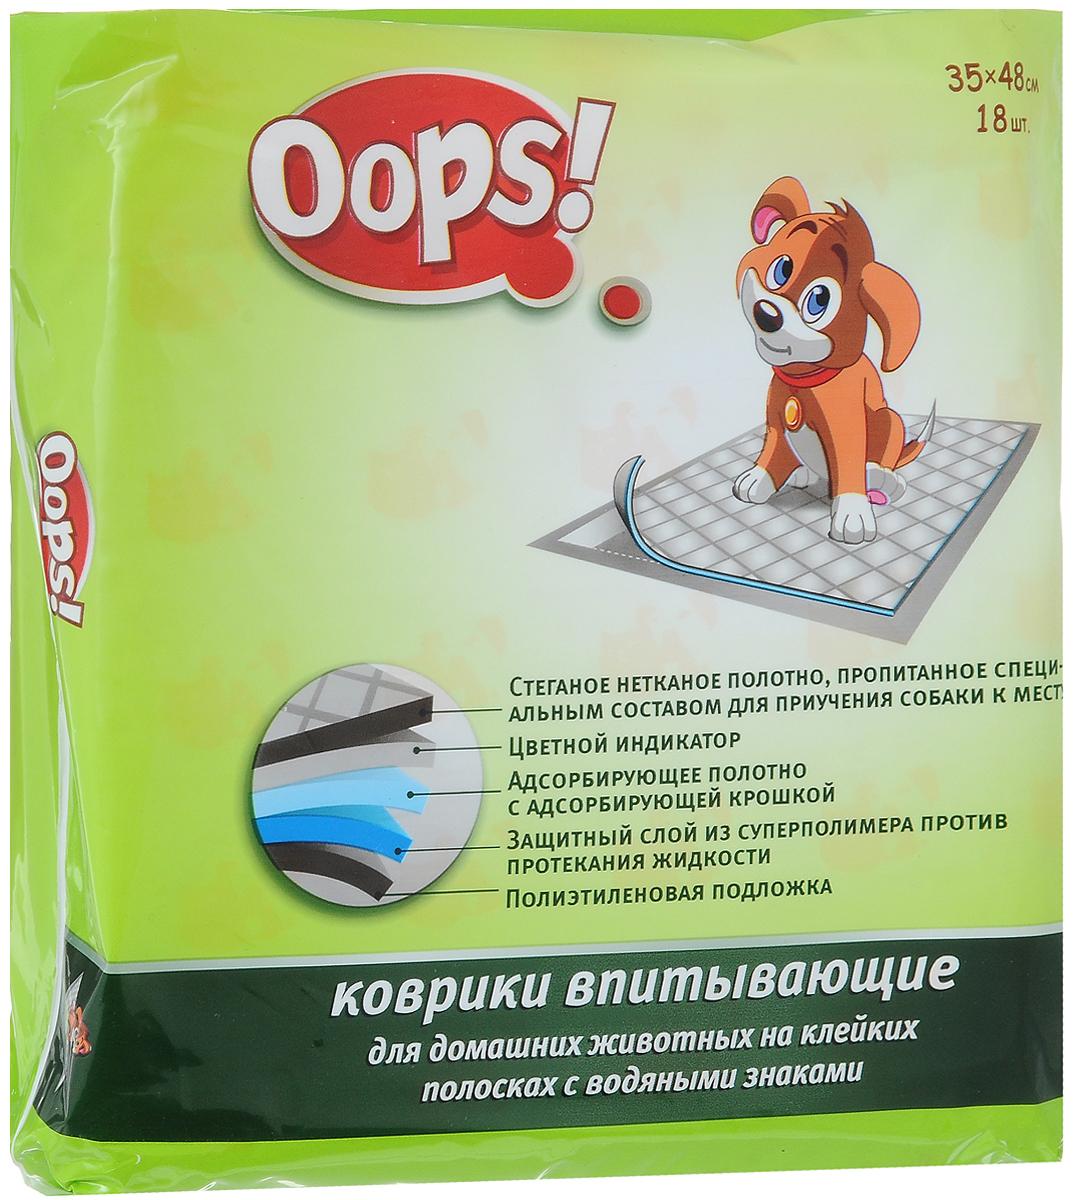 Коврики для домашних животных OOPS!, впитывающие, на клейких полосках, 35 х 48 см, 18 шт игры и игрушки в дорогу oops подвеска на кроватку и коляску oops в асс